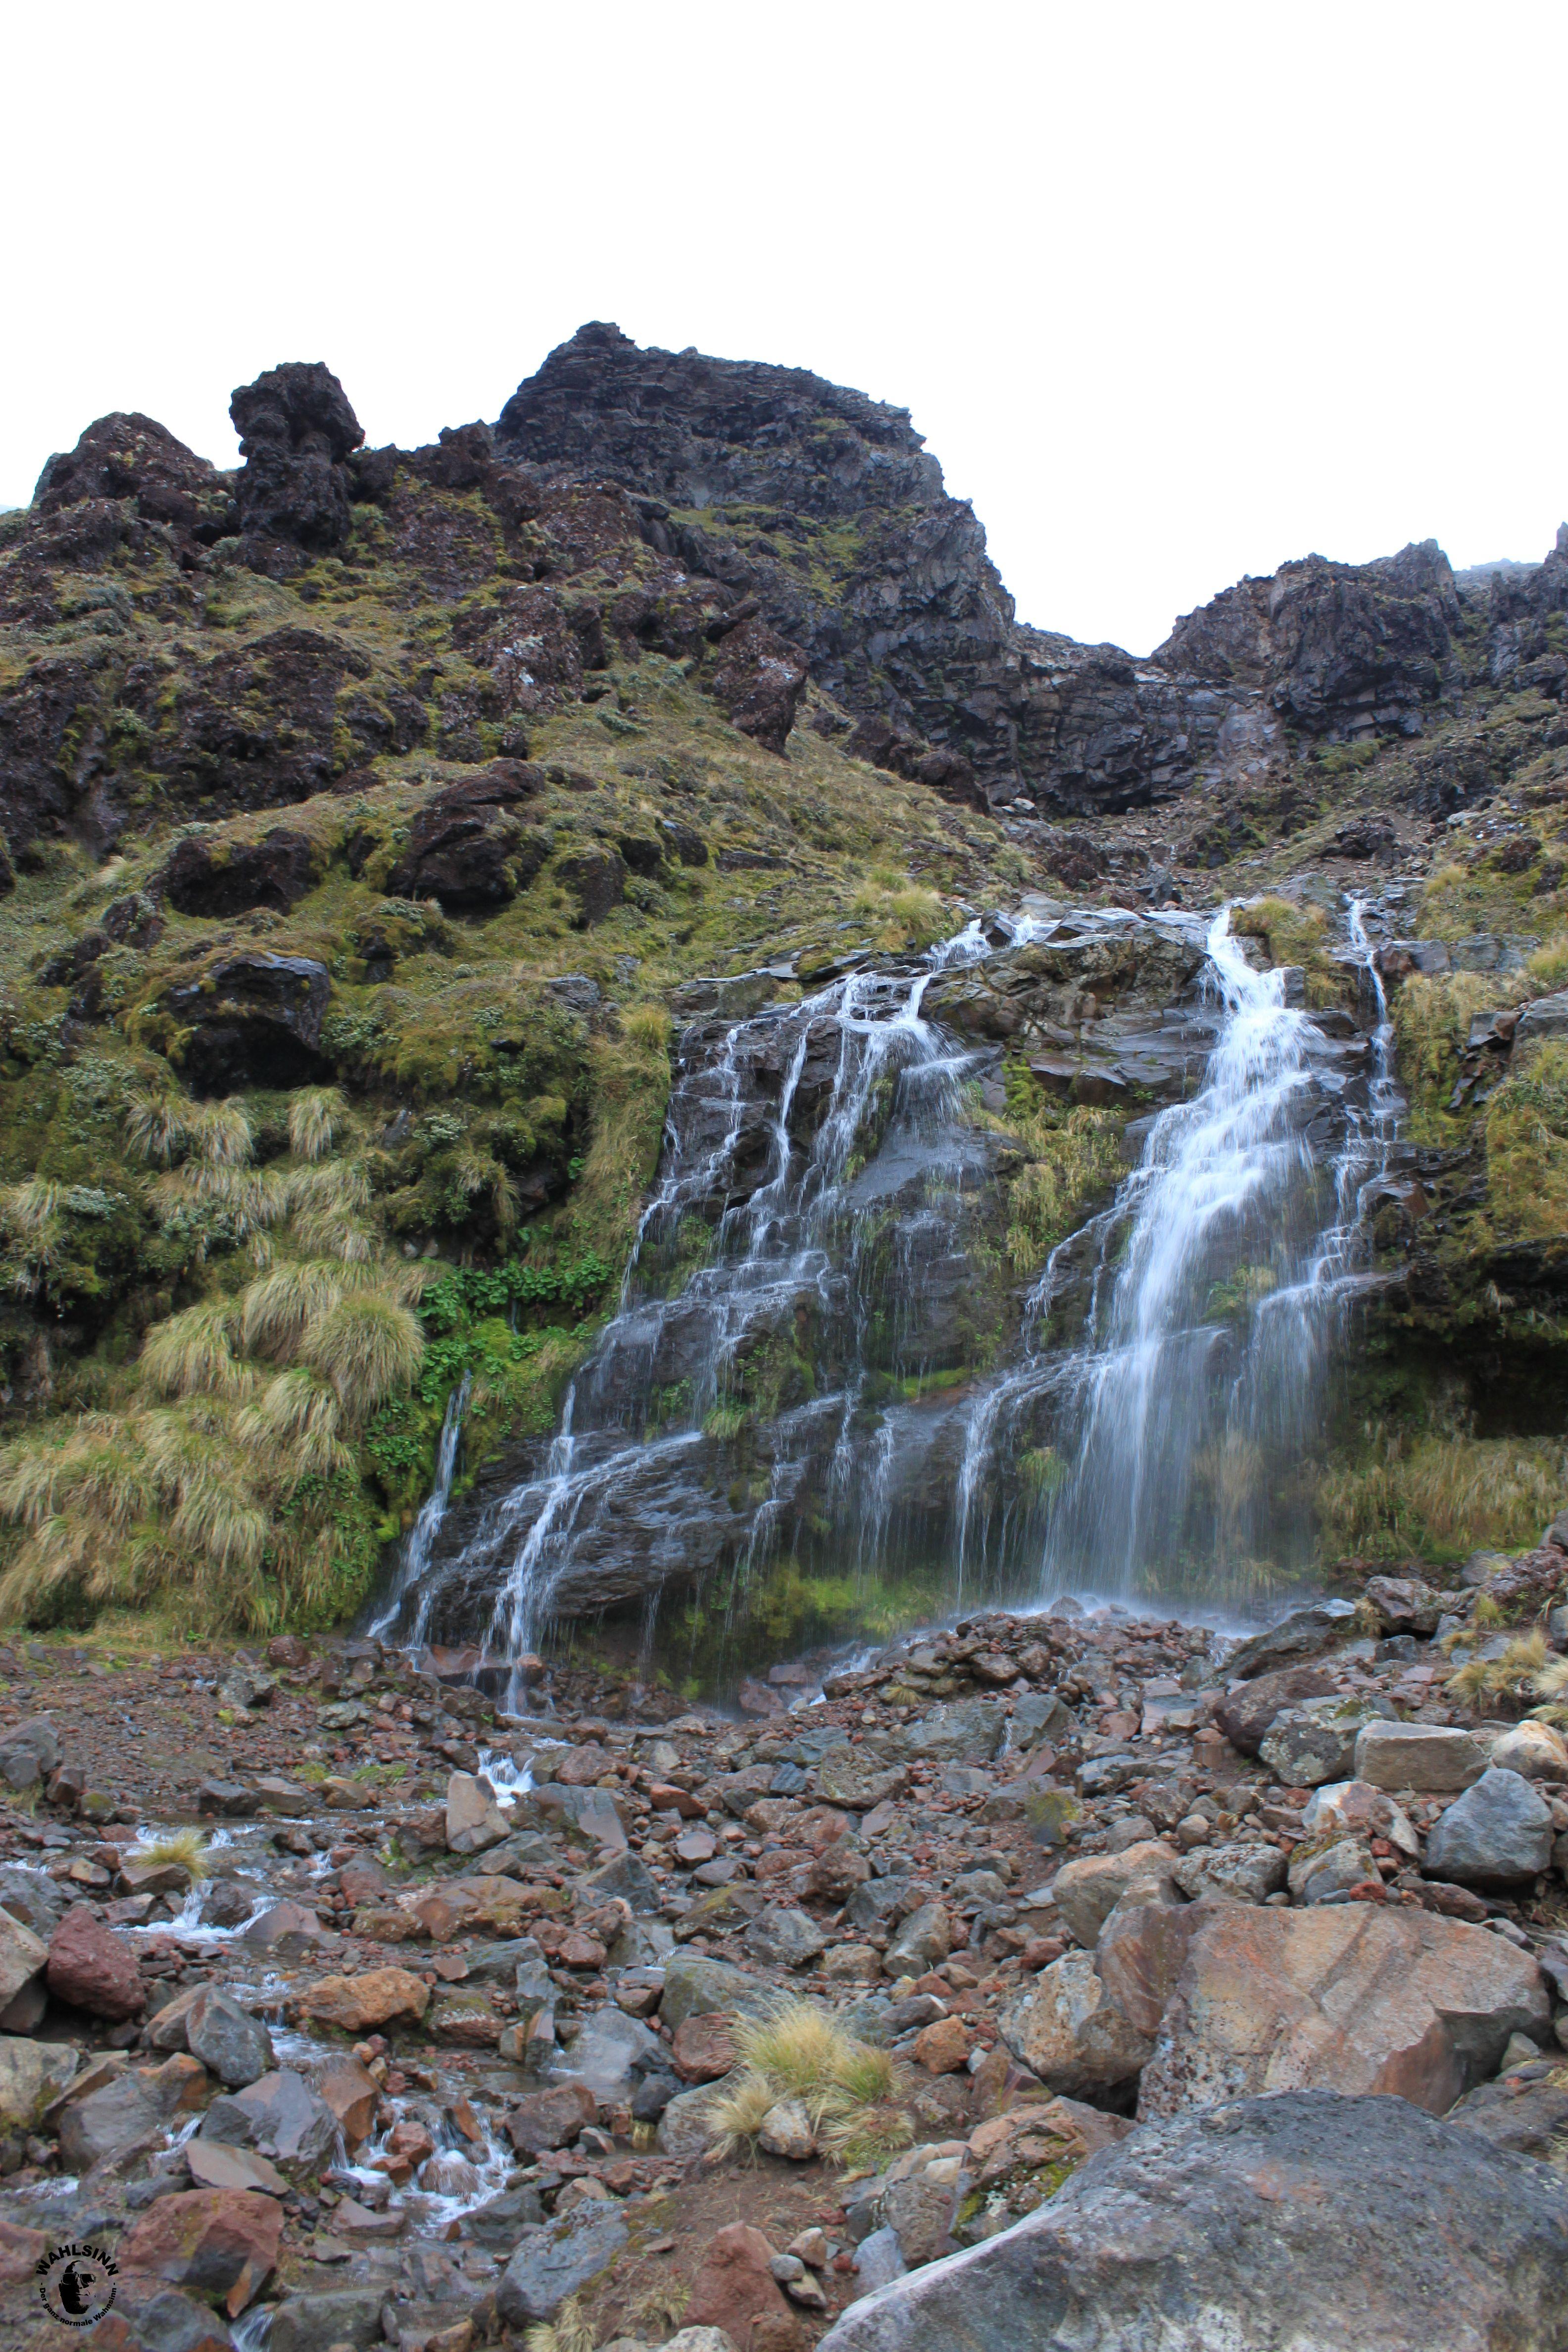 Erster Wegpunkt zum Mount Doom // Der Einsame Berg // Der Schicksalsberg (Neuseeland)